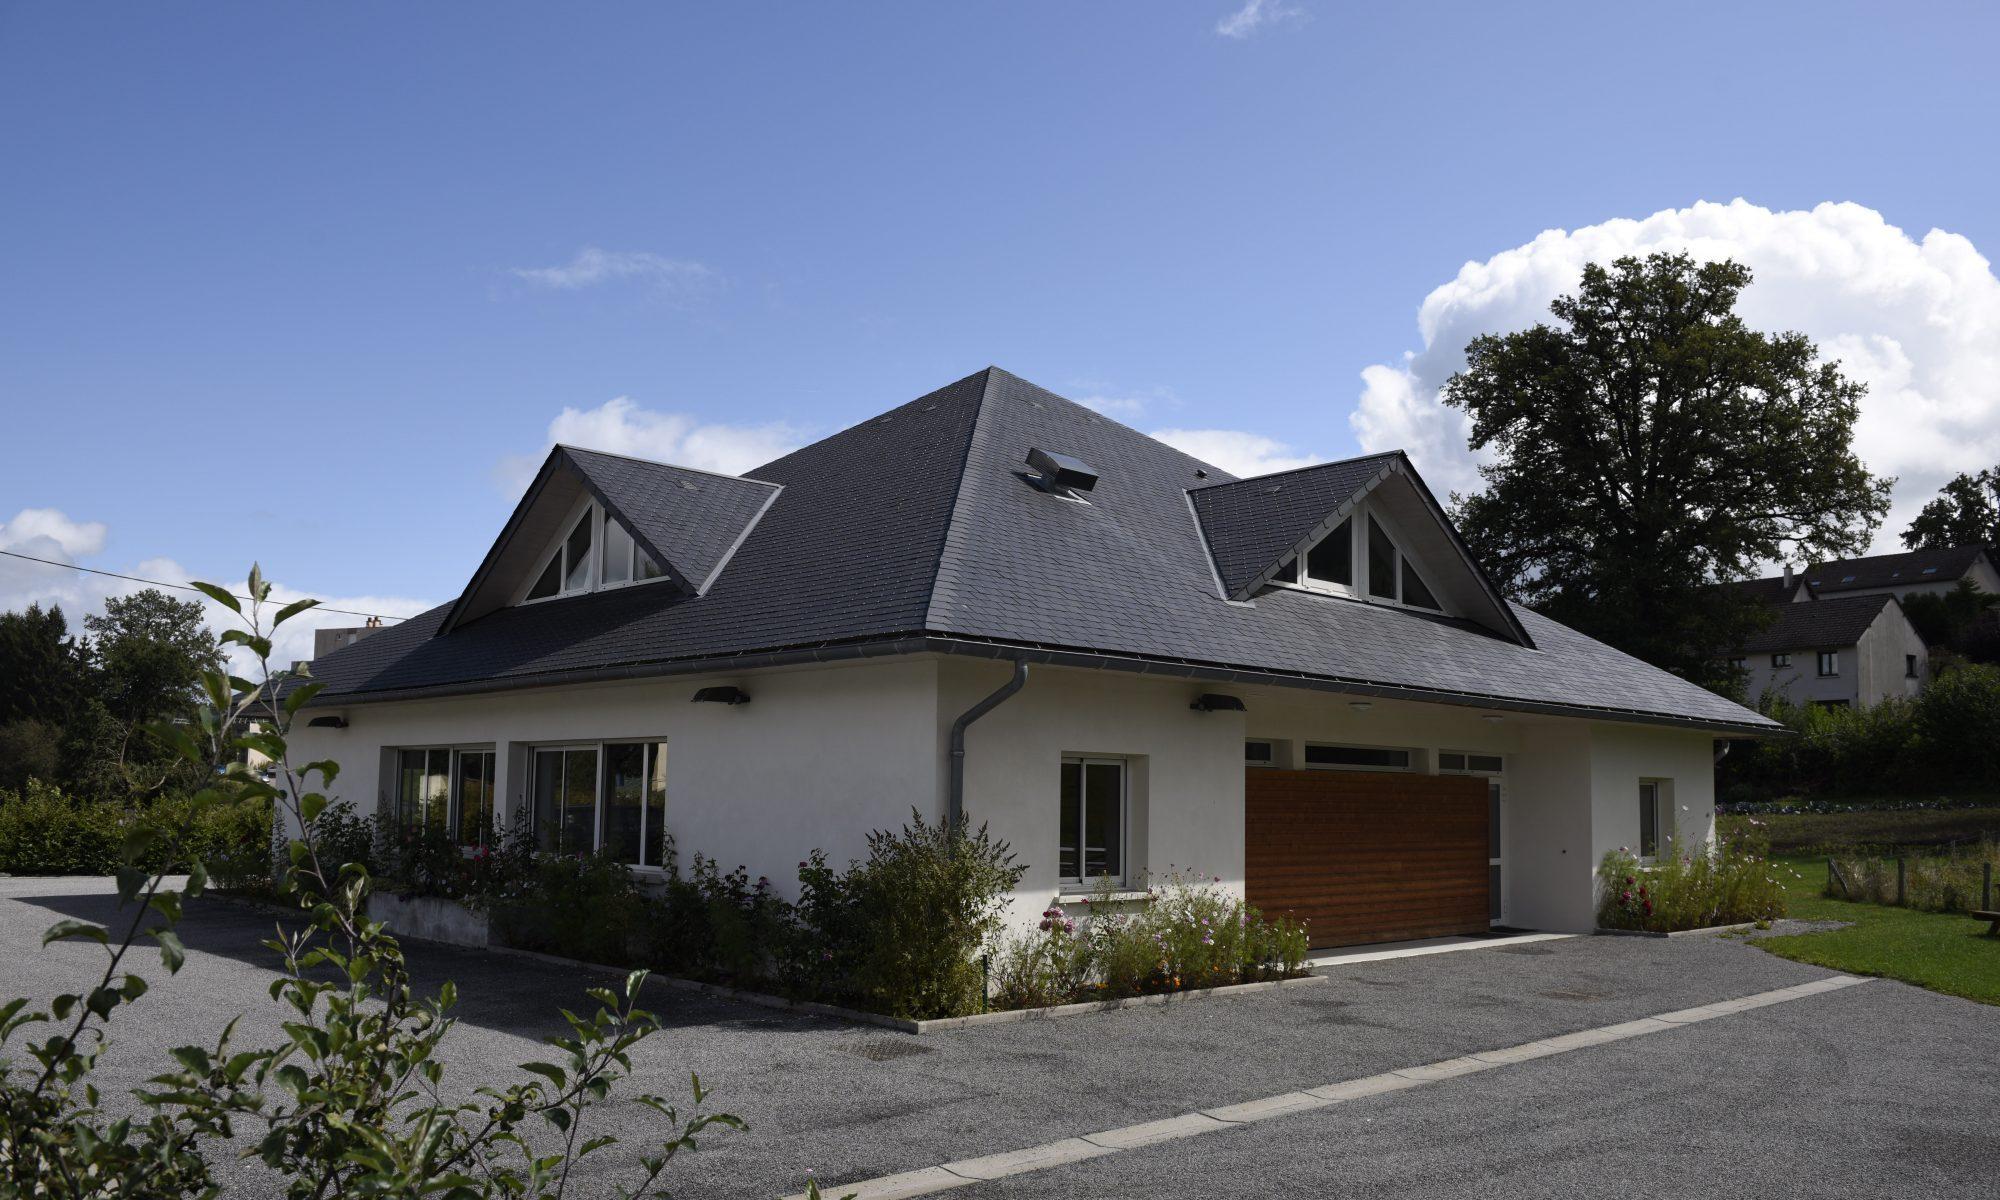 Eglise Protestante d'Ussel